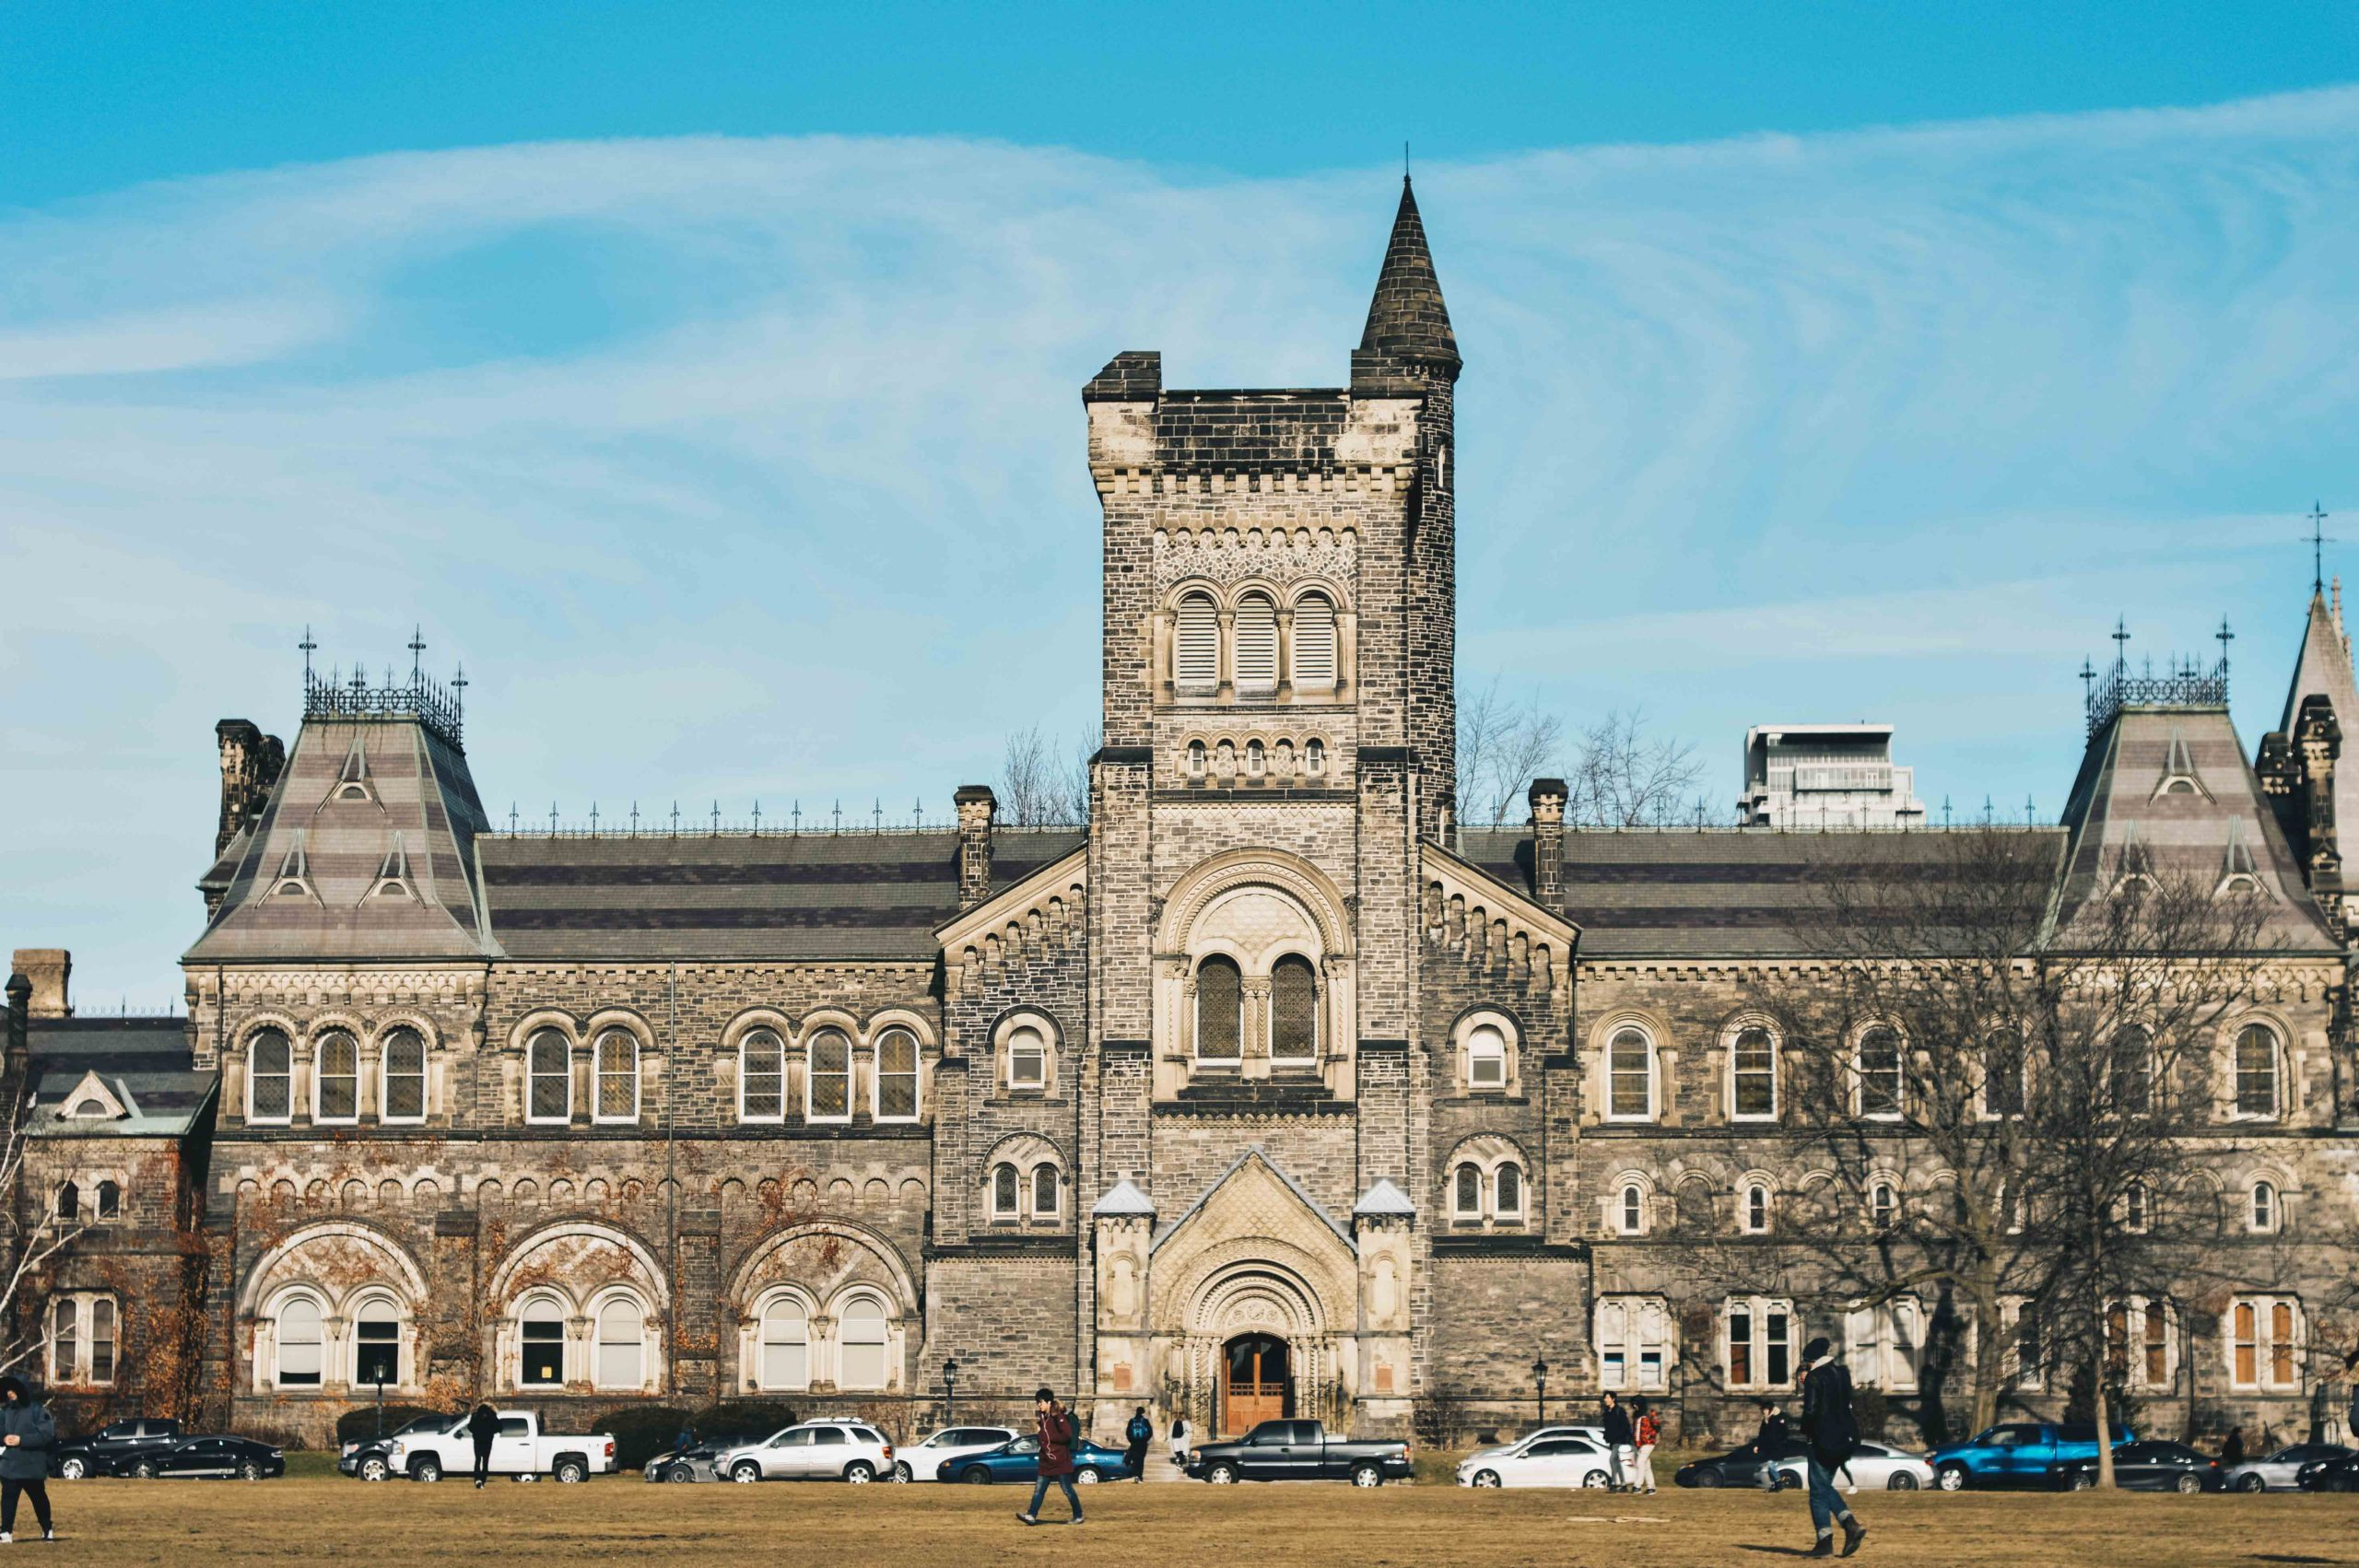 Trường đại học Toronto là trường có tuổi thọ lâu đời nhất ở Ontario, Canada.